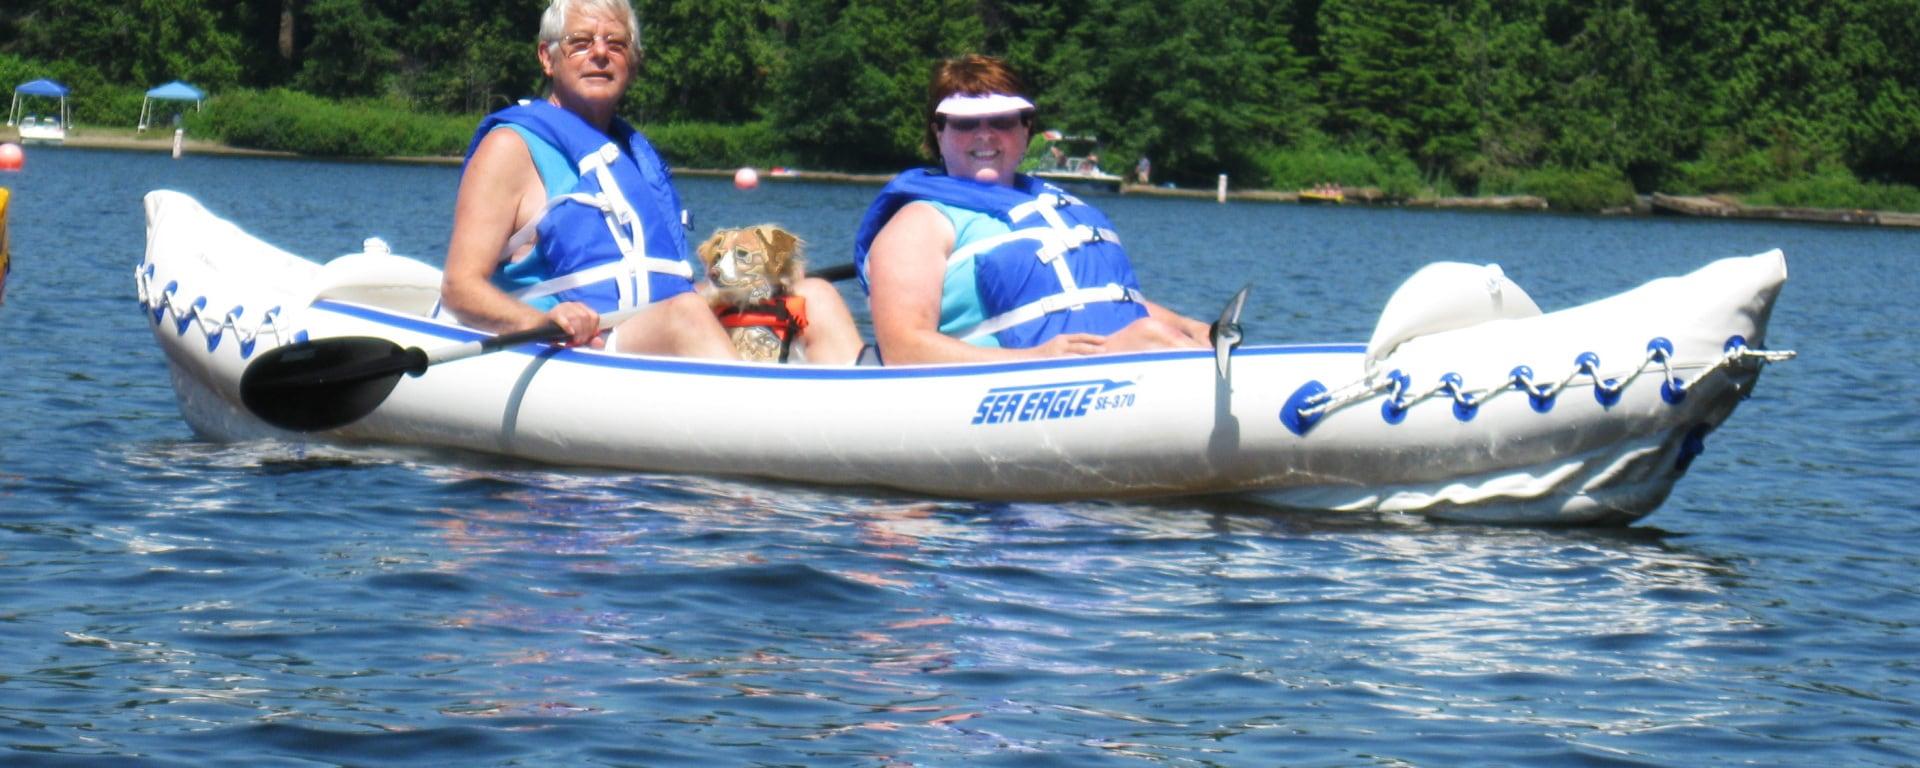 Couple riding kayak